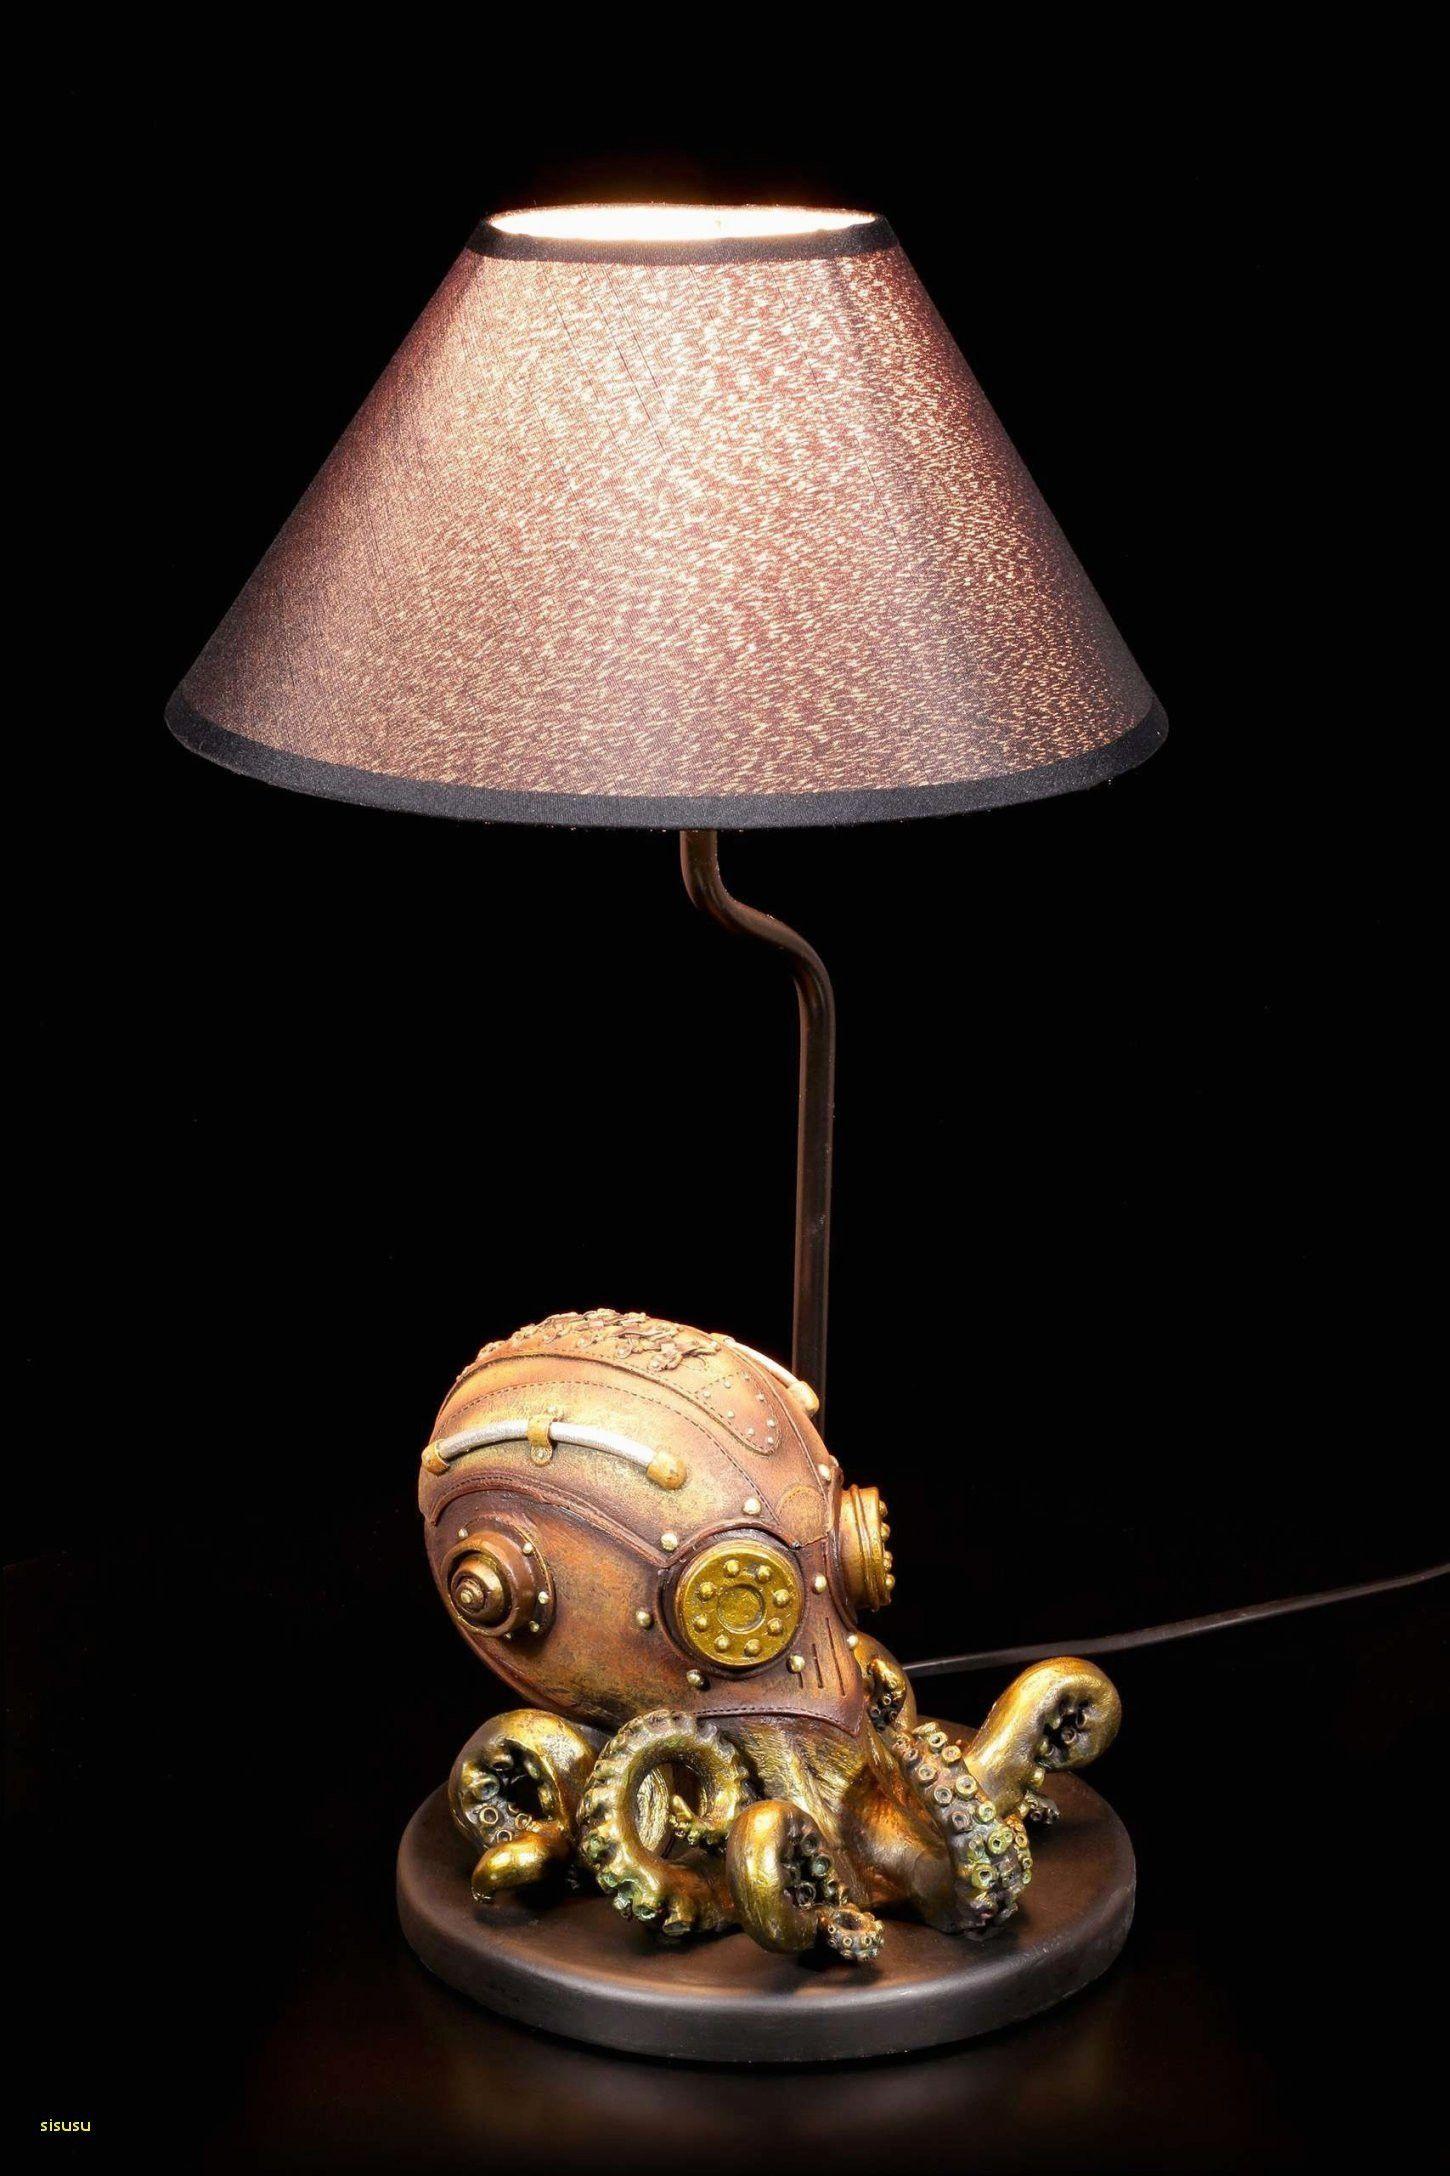 10 Amazing Led Light Bulbs for Car Interior Led lighting